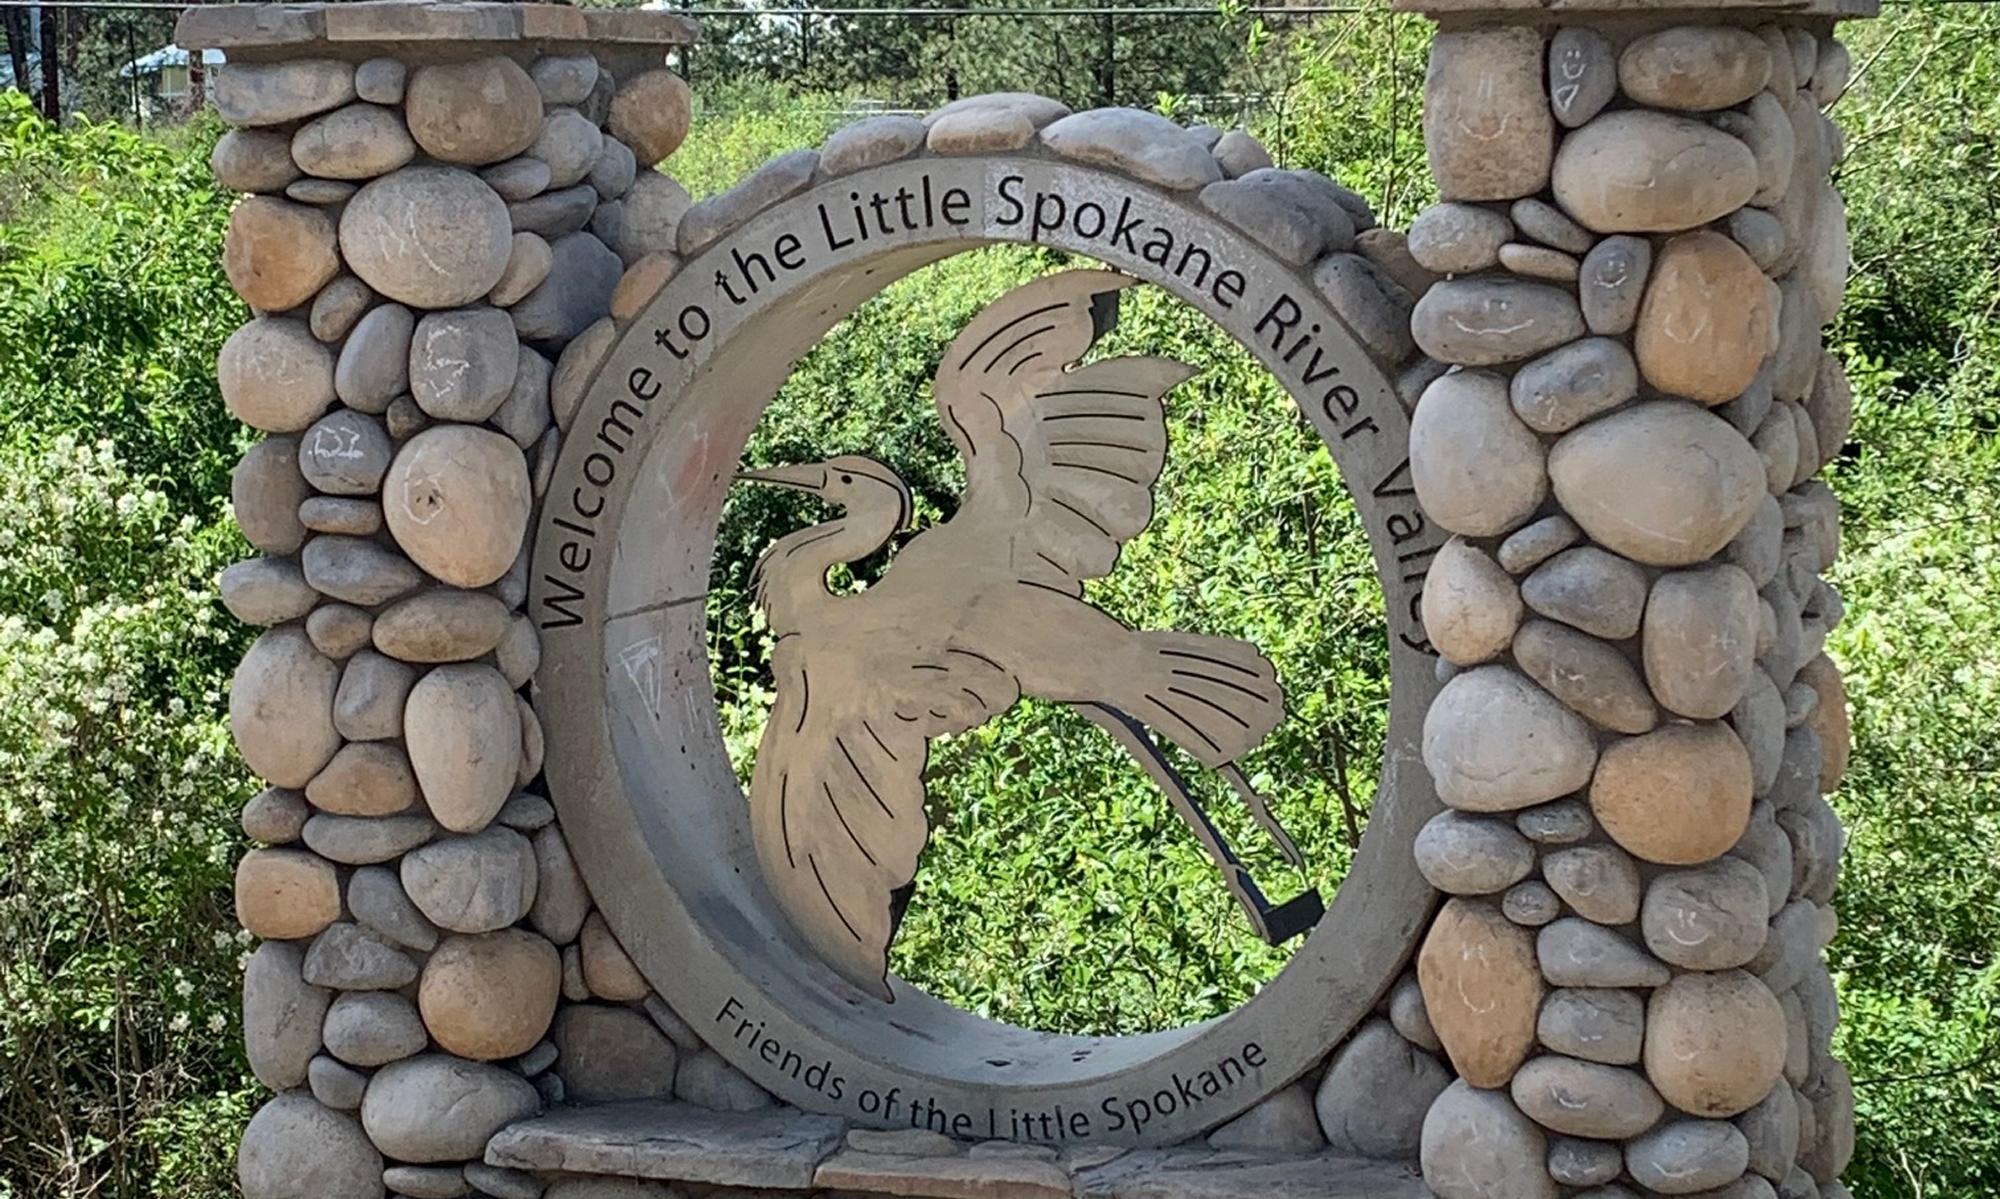 Friends of the Little Spokane River Valley